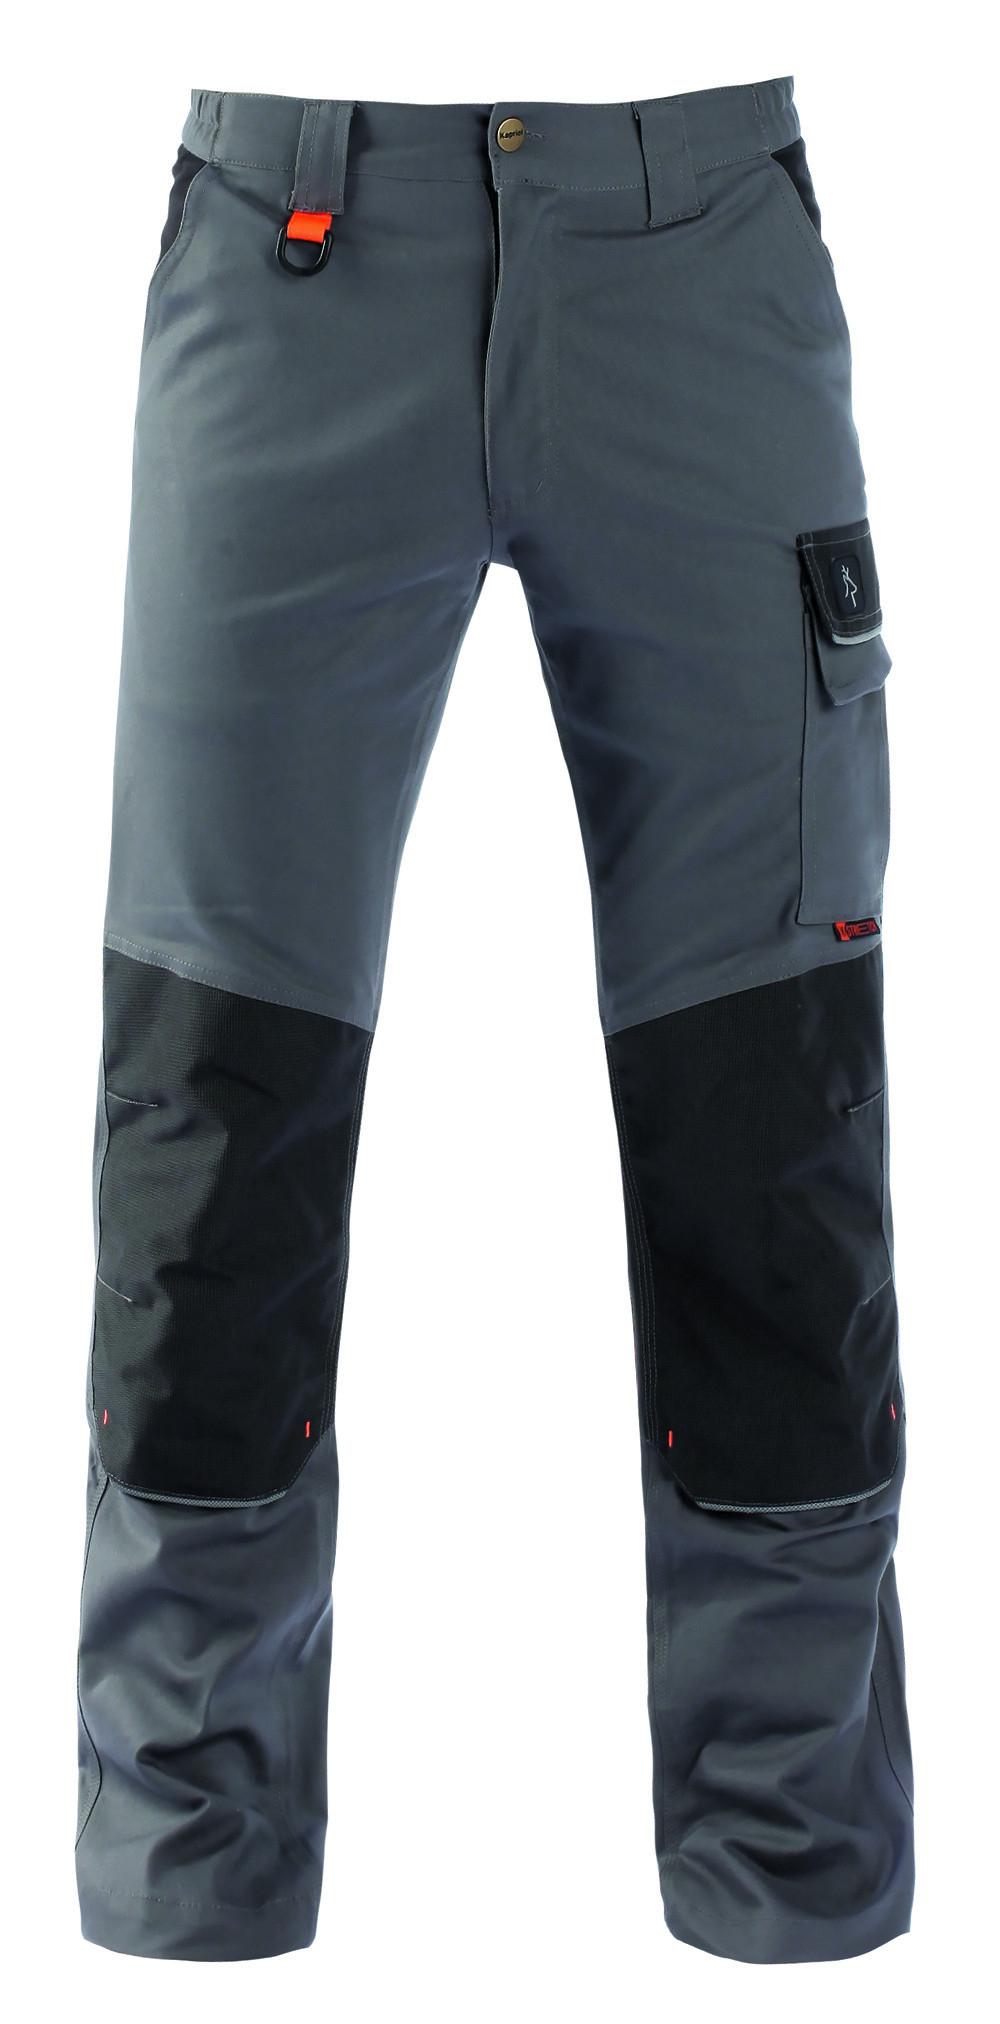 pracovní kalhoty pas KAPRIOL TENERE PRO šedo-černé - O203889